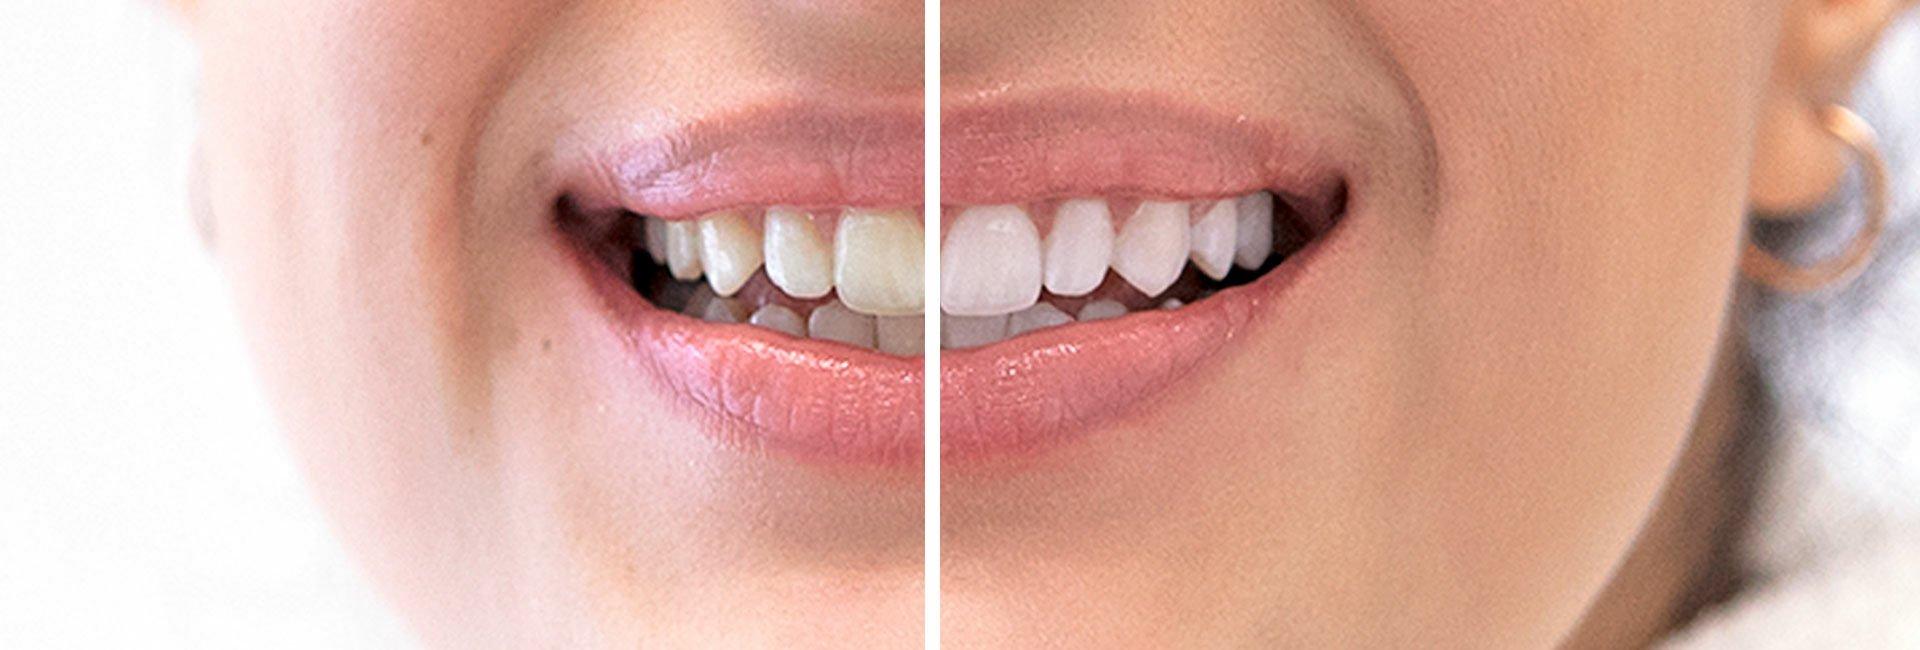 Bleaching der Zähne vorher und nachher Vergleichsbild